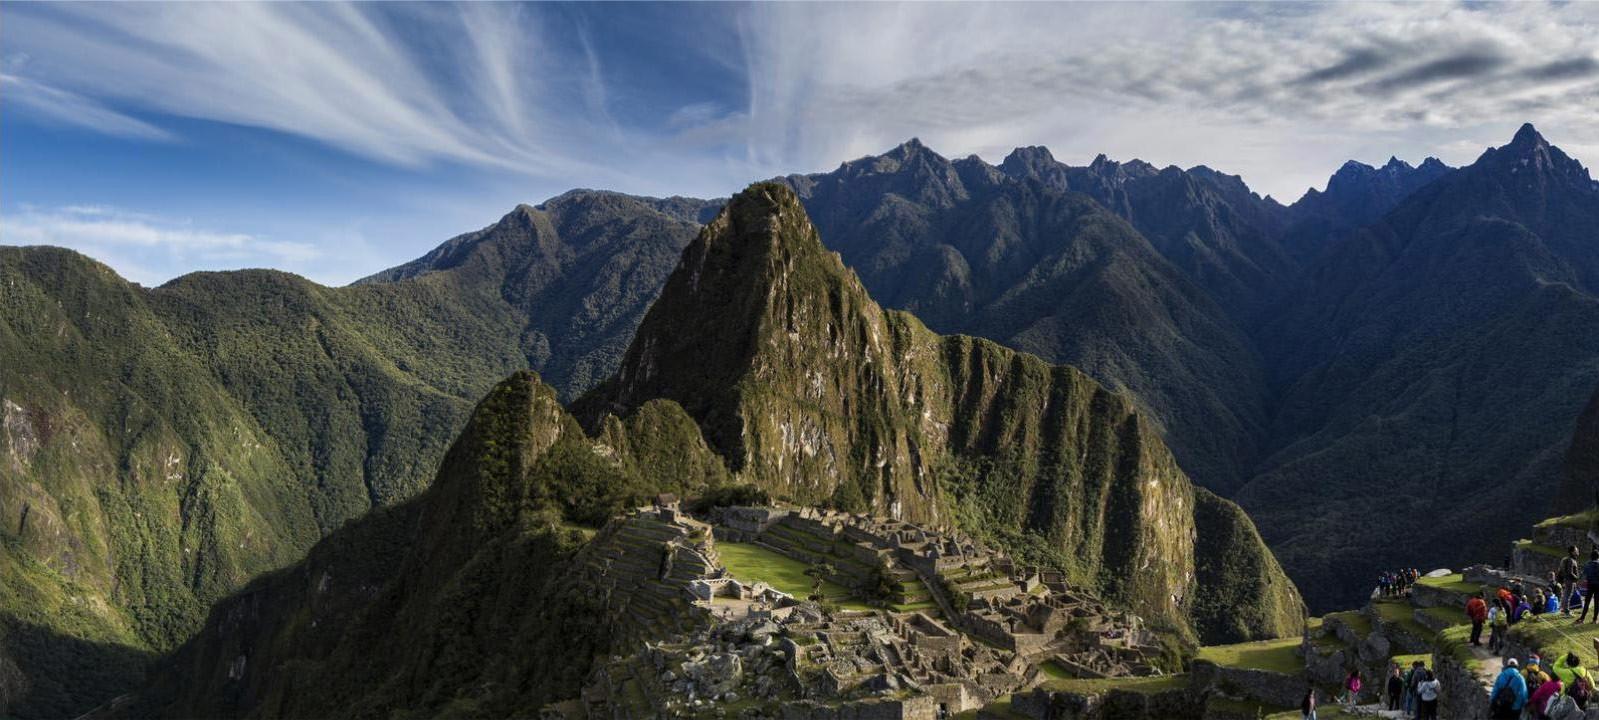 classic inca trail hike to machu picchu 4 days